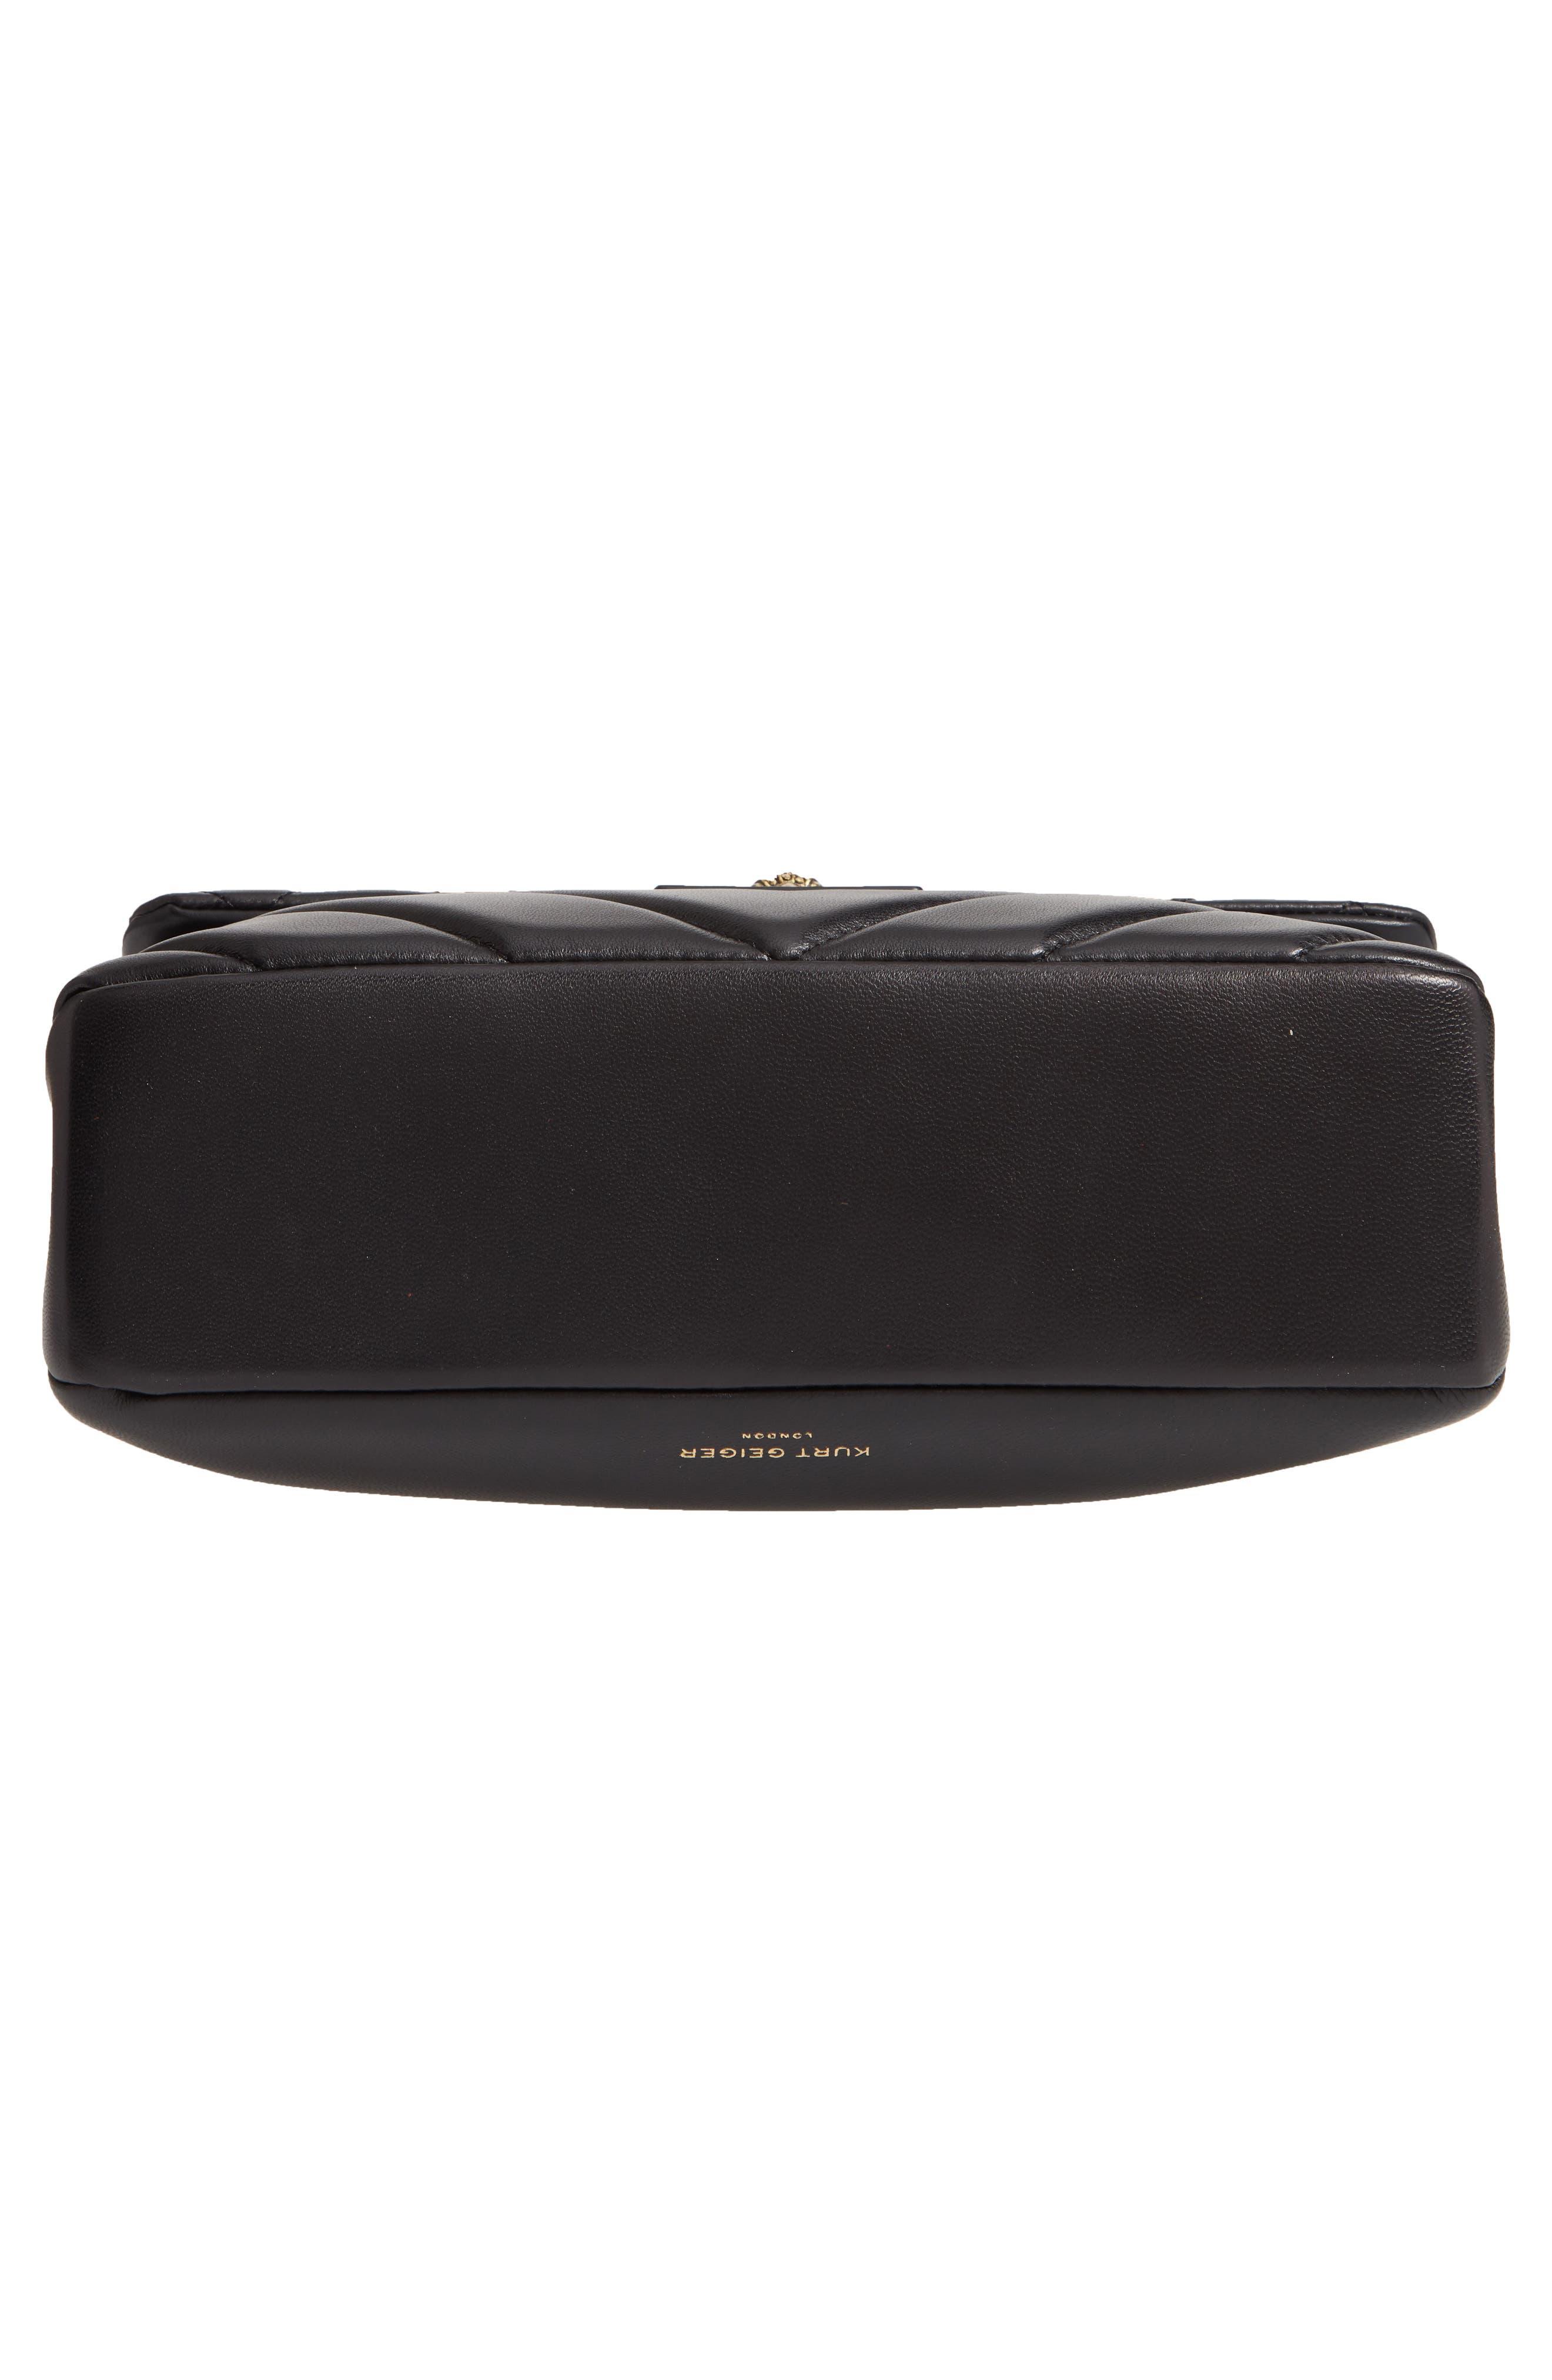 KURT GEIGER LONDON,                             Kensington Quilted Leather Shoulder Bag,                             Alternate thumbnail 6, color,                             BLACK